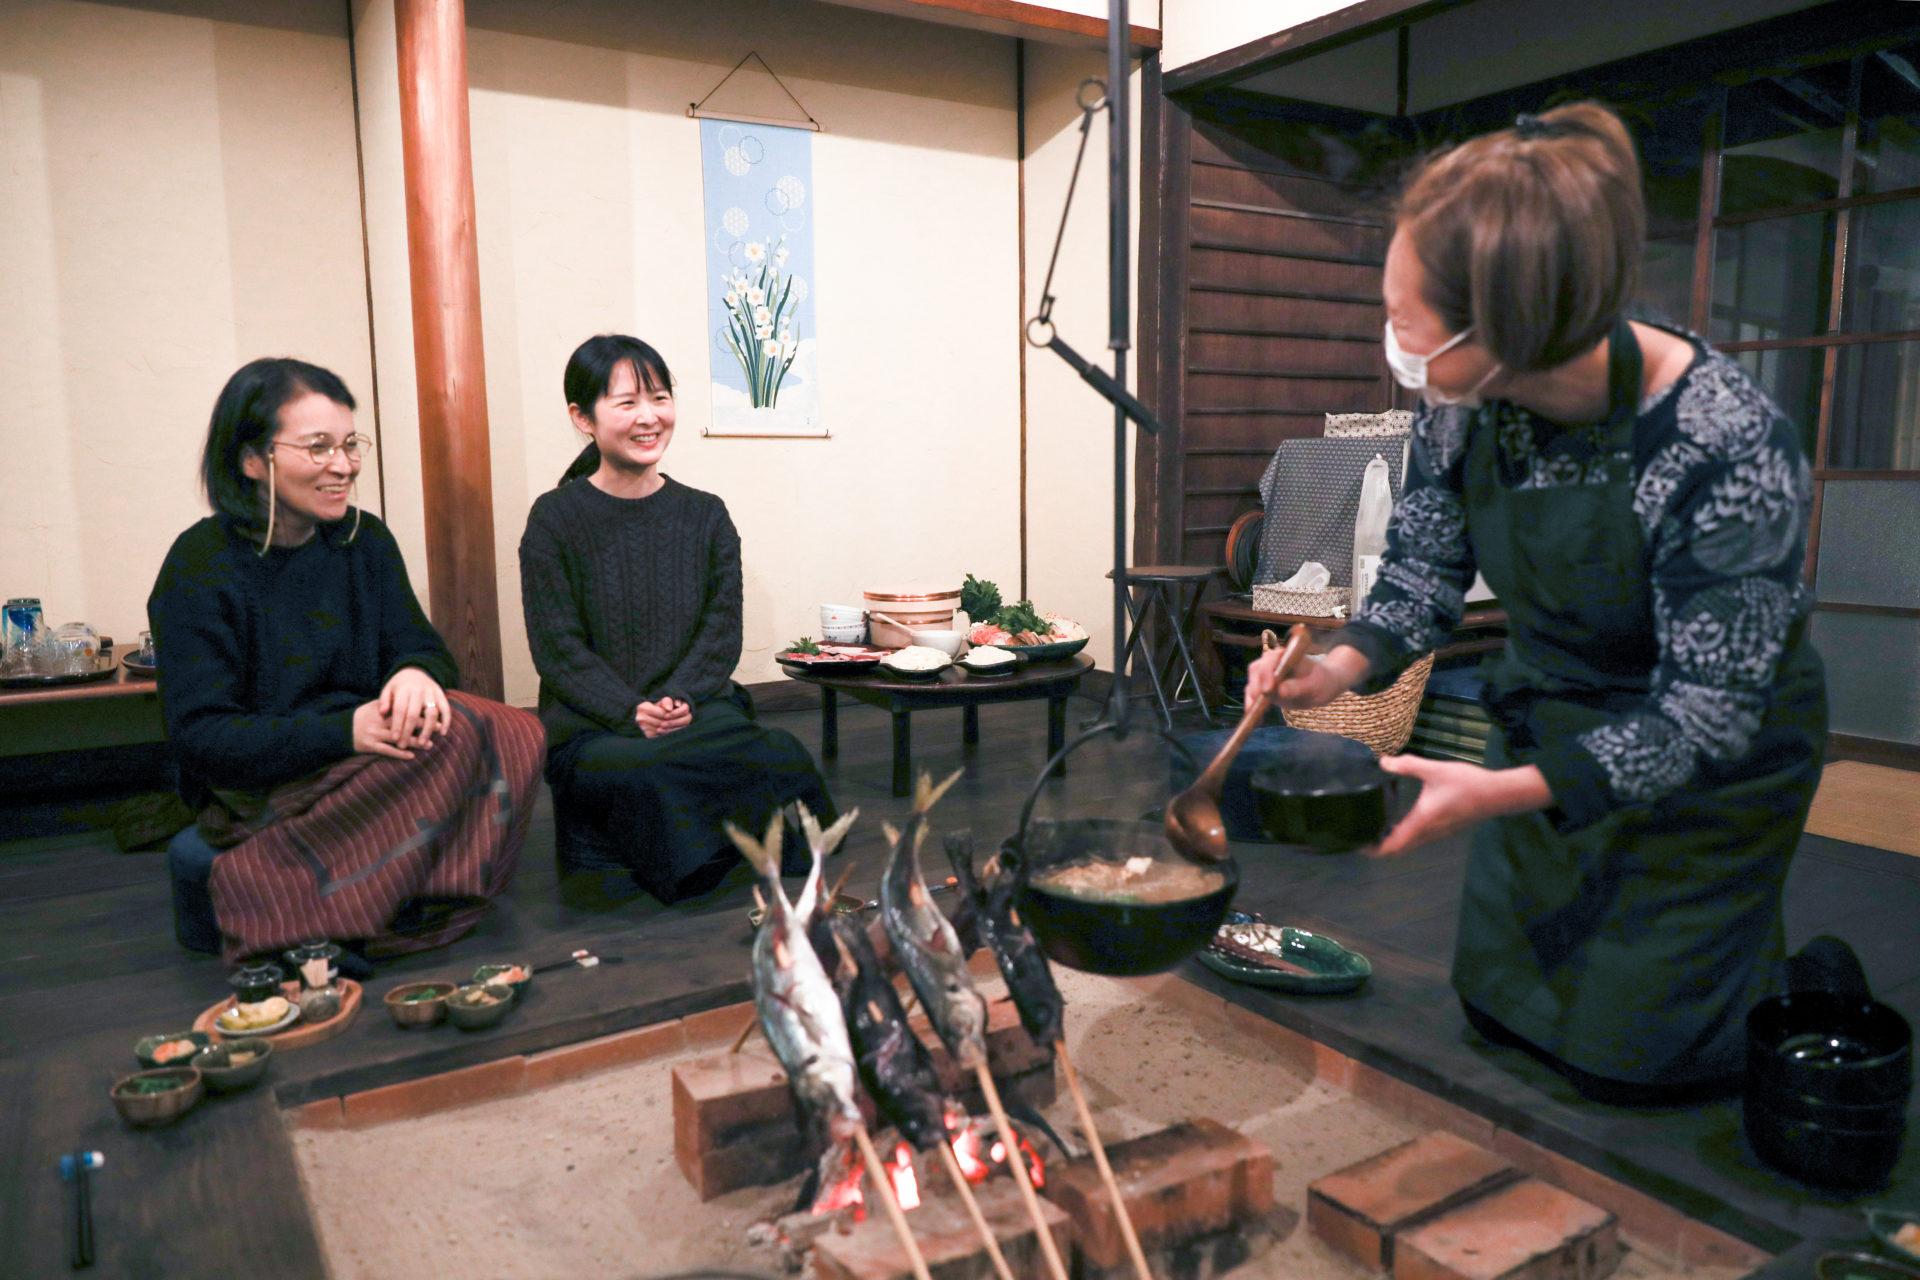 囲炉裏で温まった鍋は格別